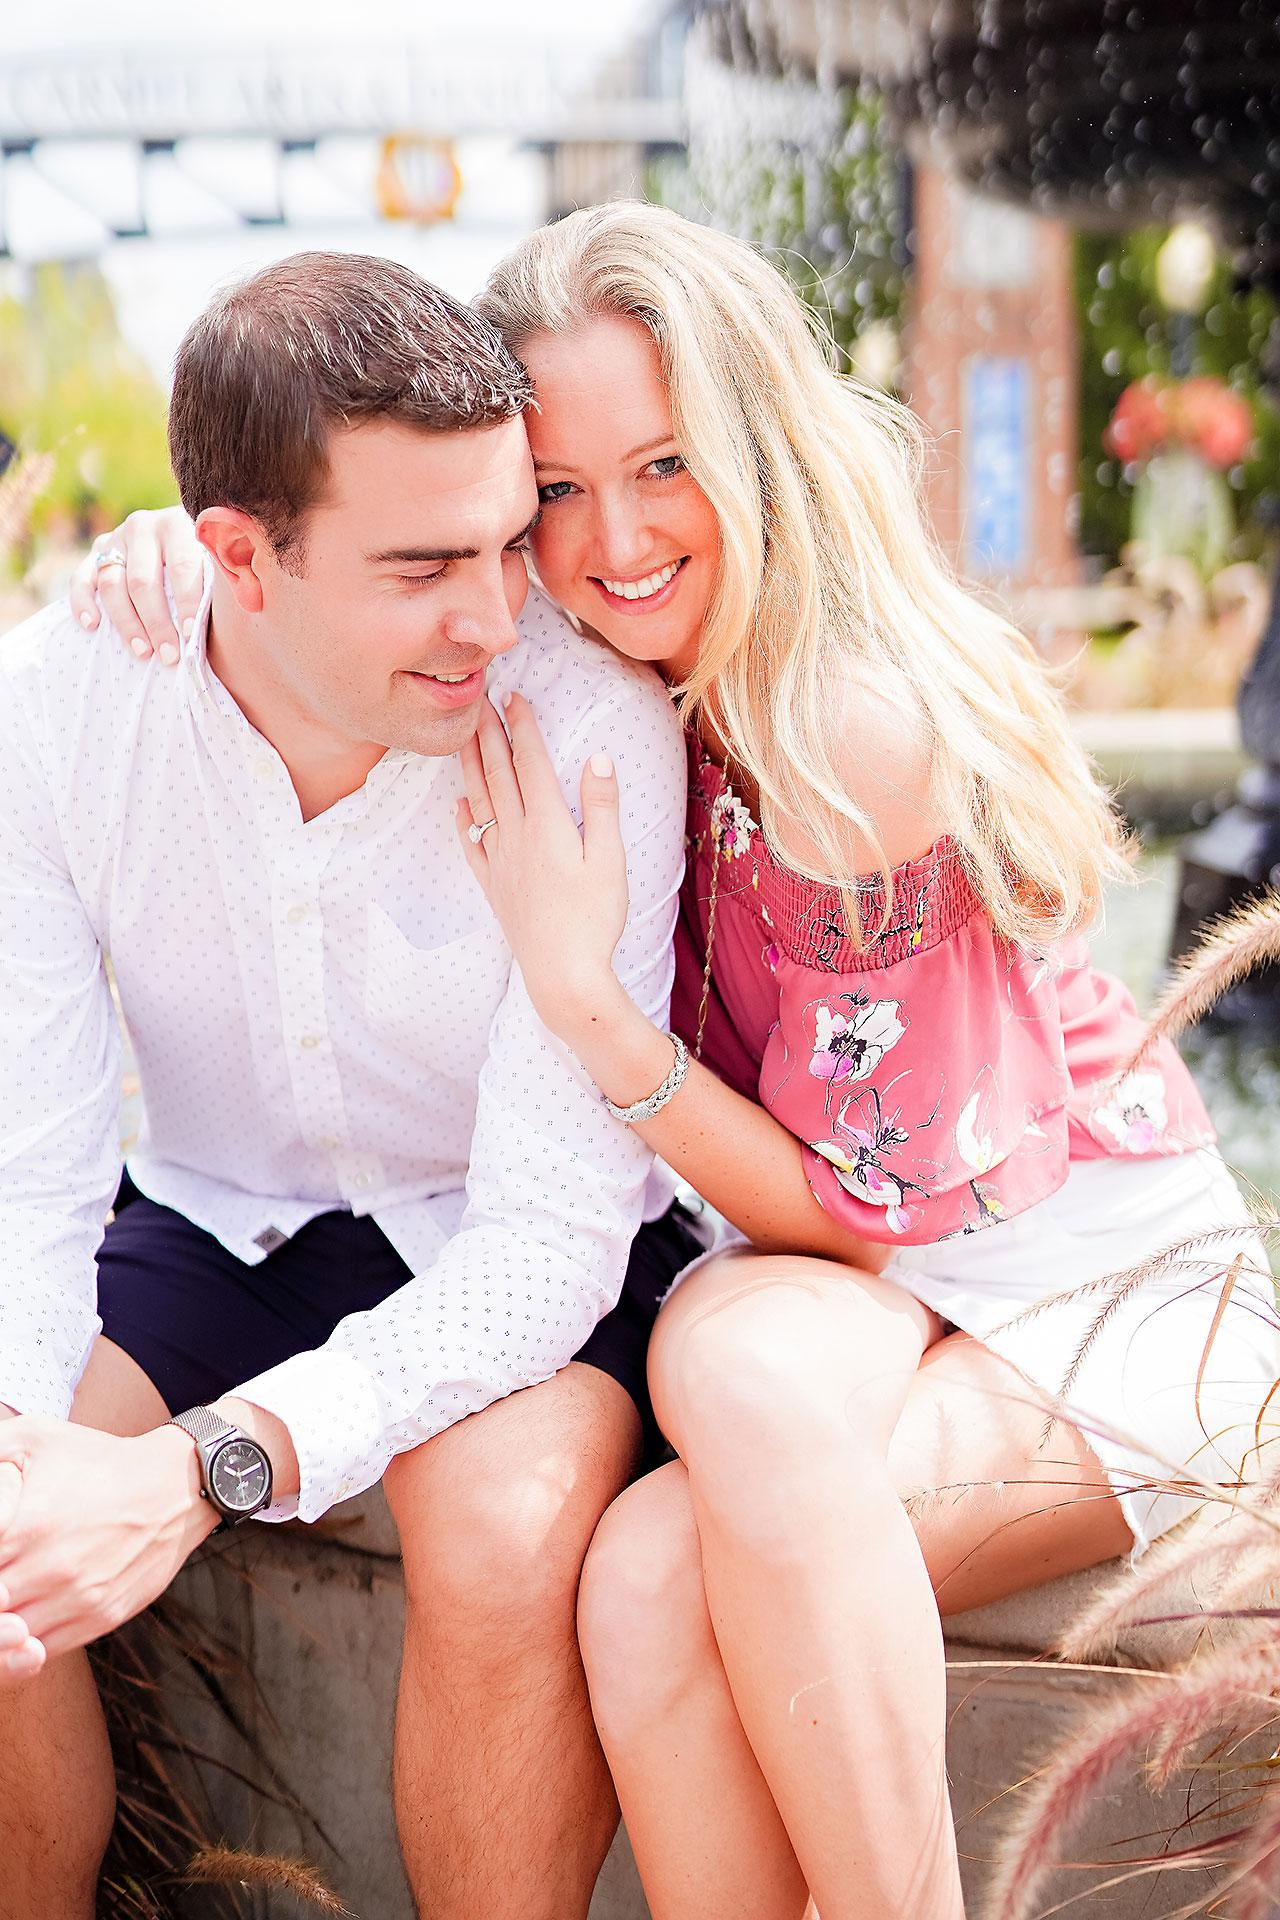 Liz Zach Midtown Carmel Engagement Session 036